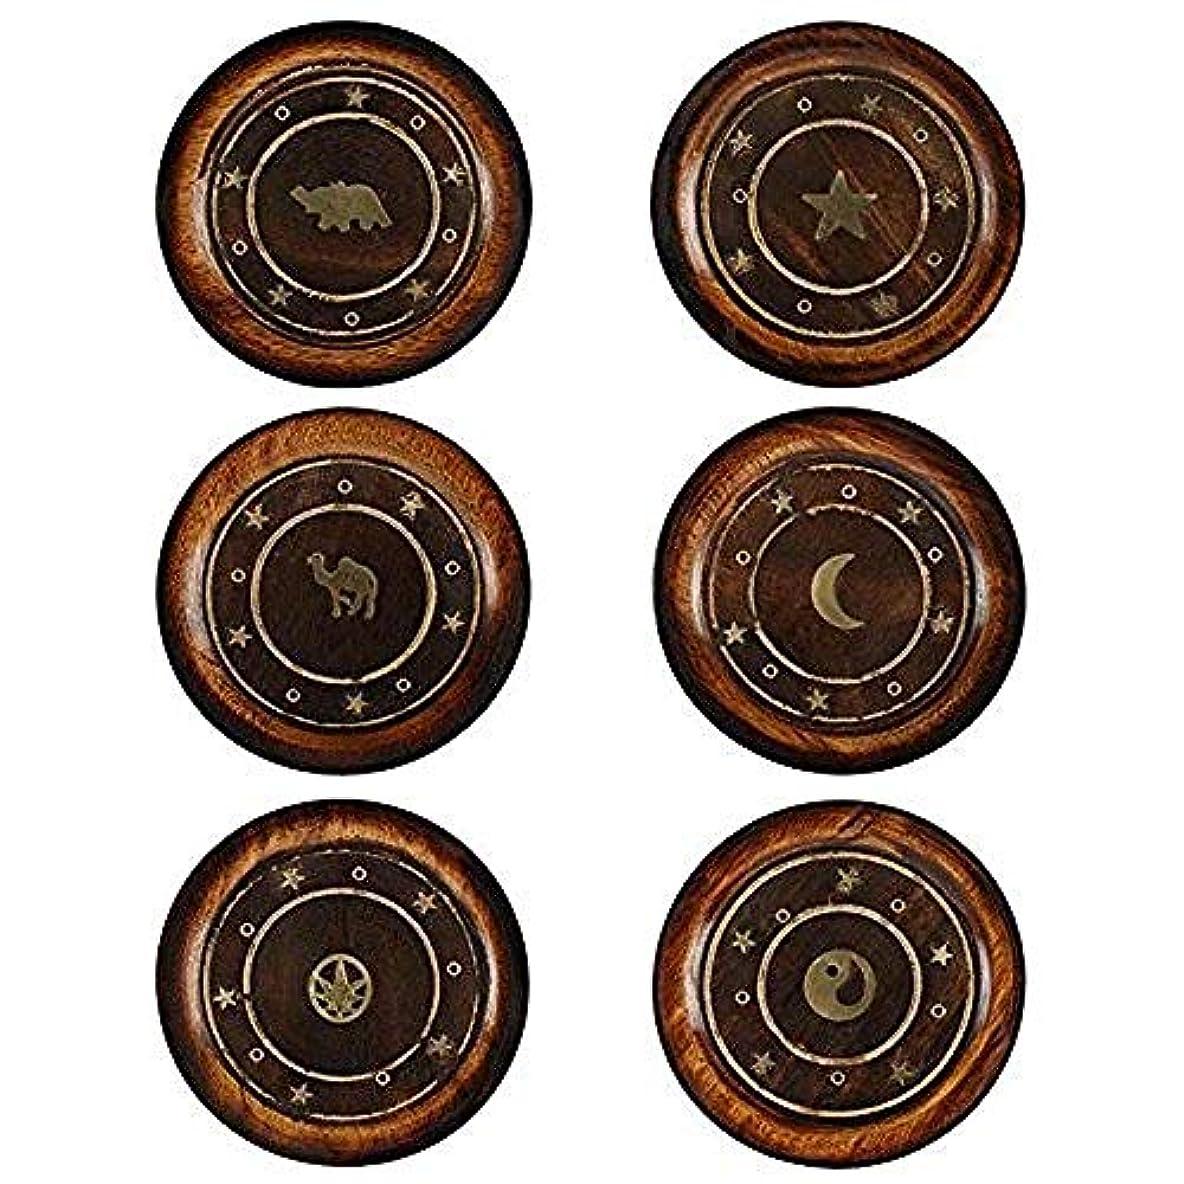 激しいオフセットチェスMangowood Round Plate Incense Holder with Brass Inlay